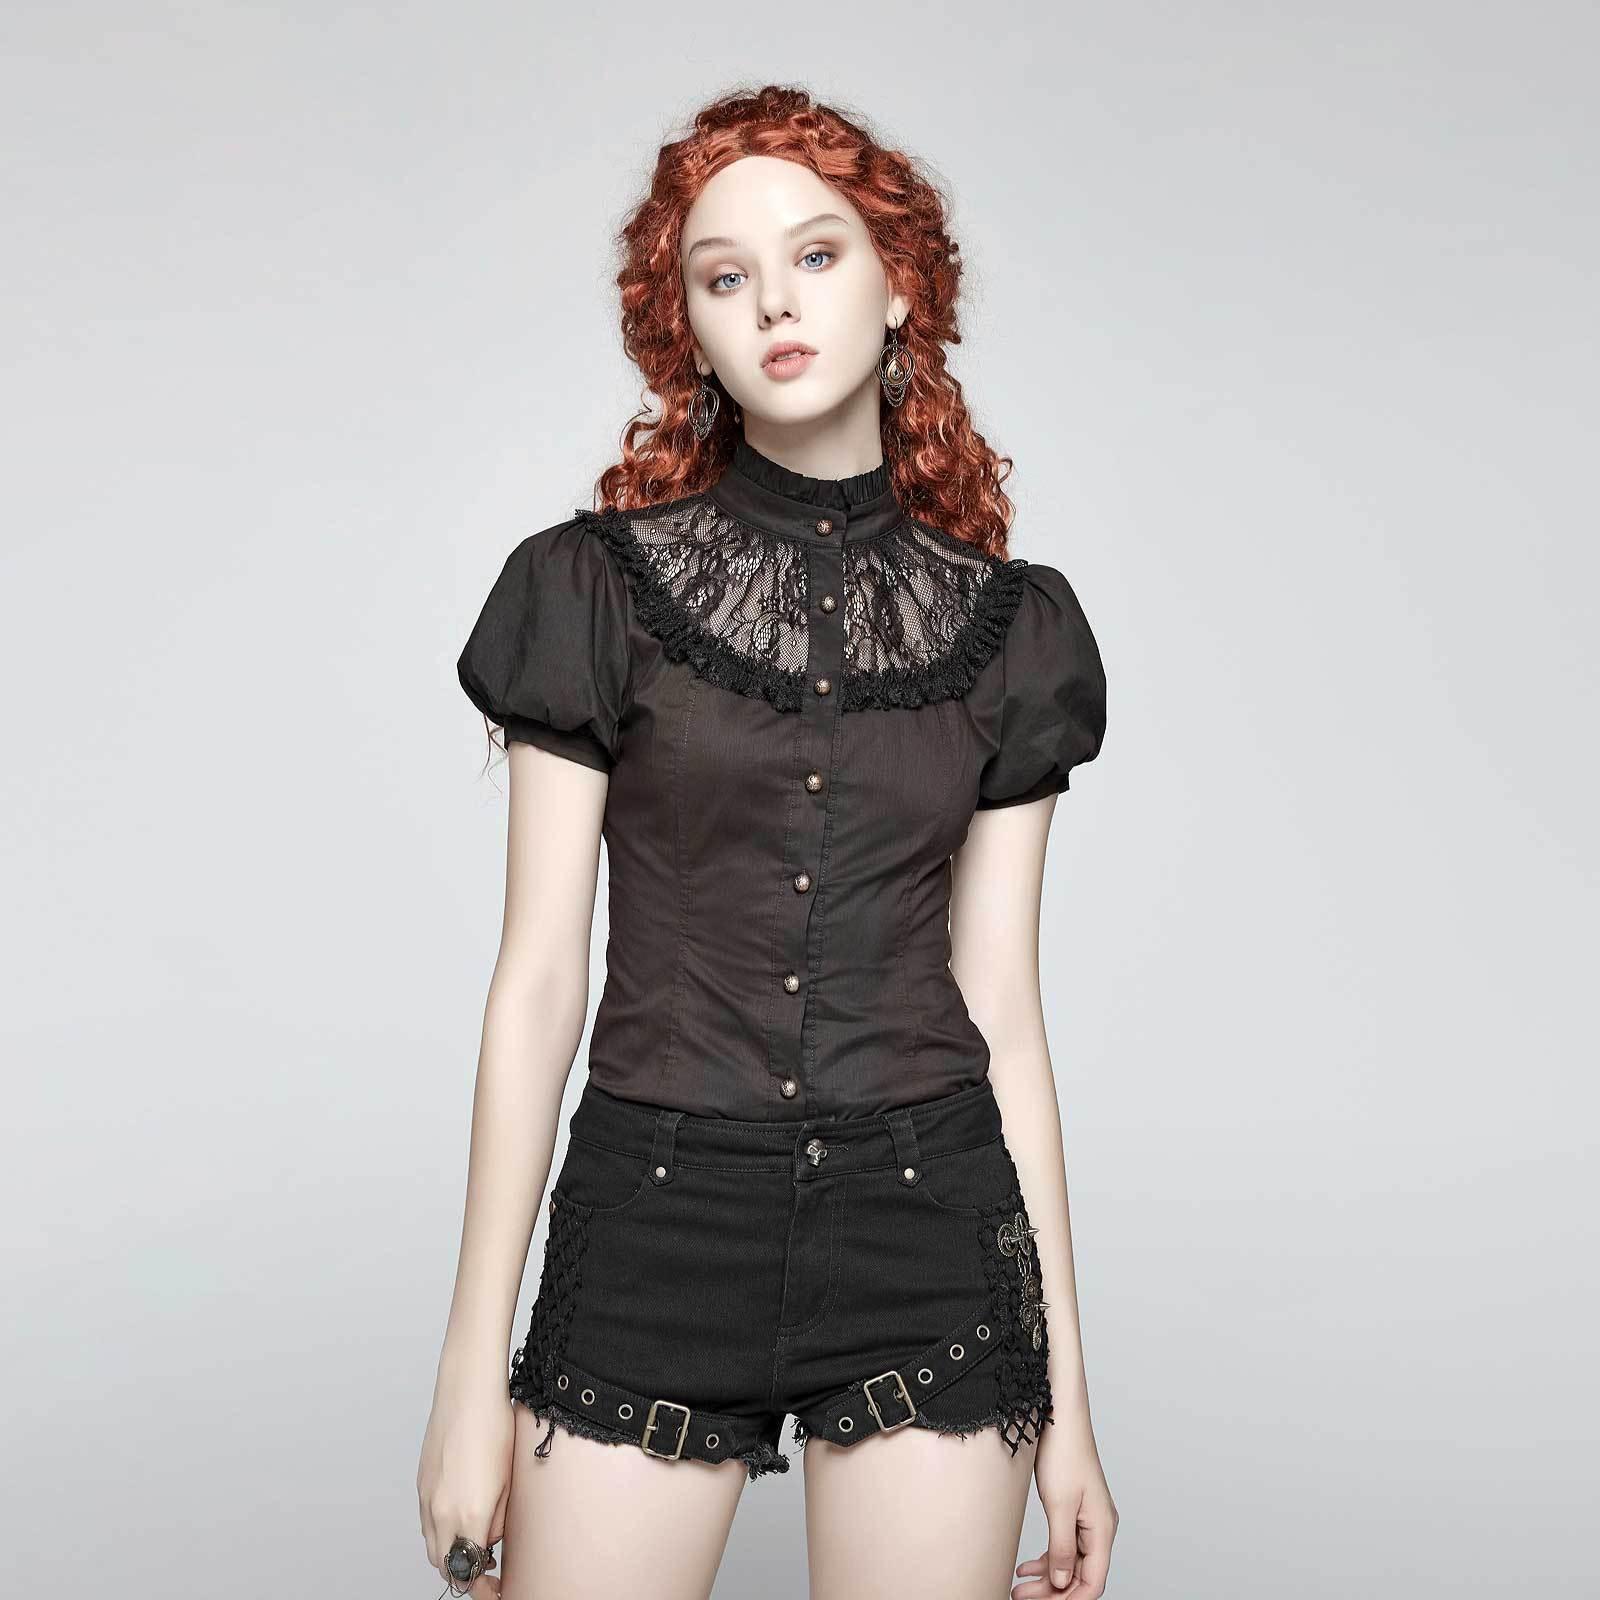 PUNK RAVE Steampunk Blause Braun-Schwarz Spitze Gothic Victorian Shirt Dark braun